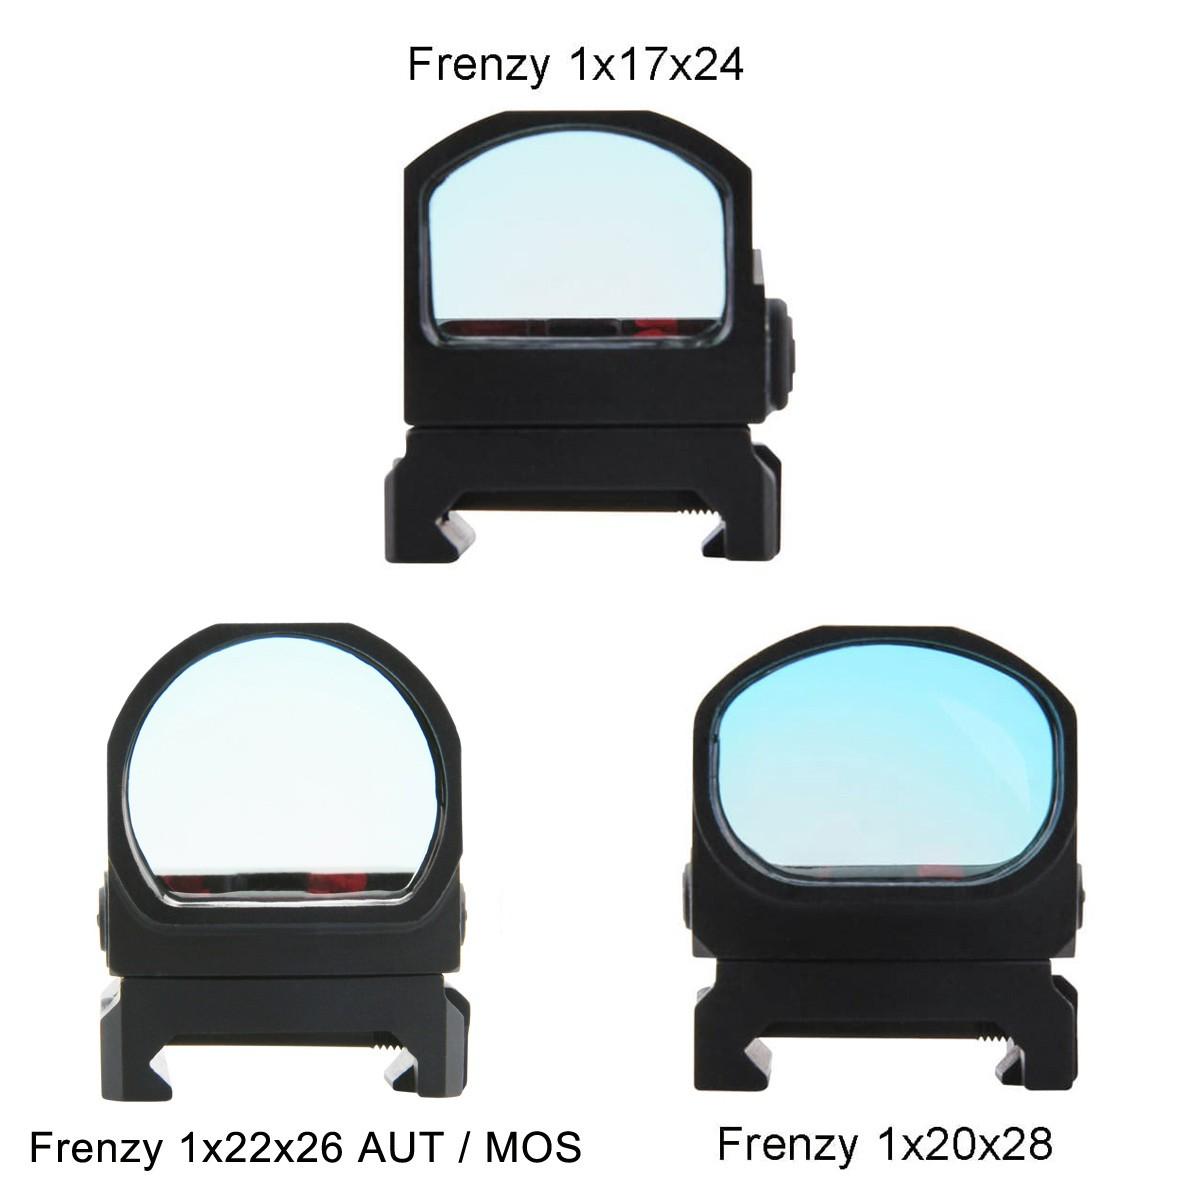 Frenzy 1x22x26 MOS Red Dot Sight